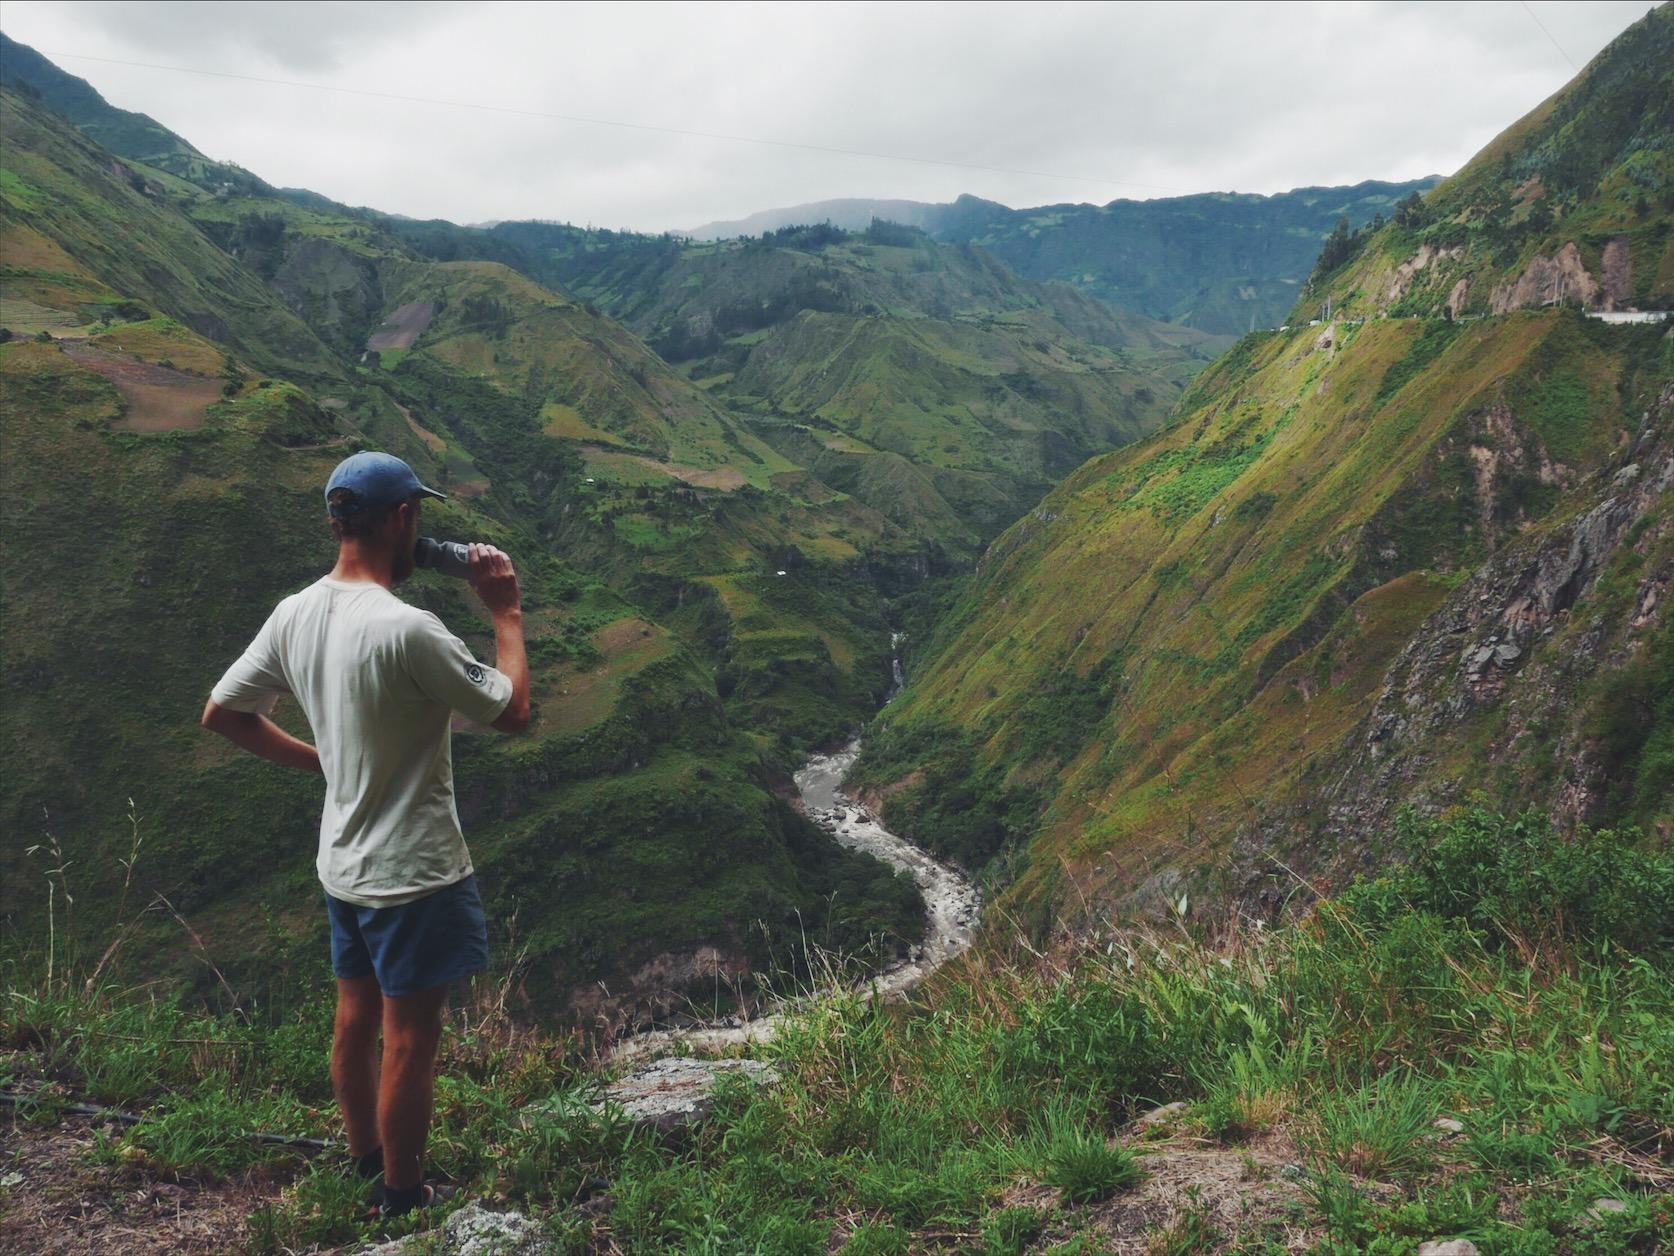 It's a long way to the top, if you want to get to Ecuador.